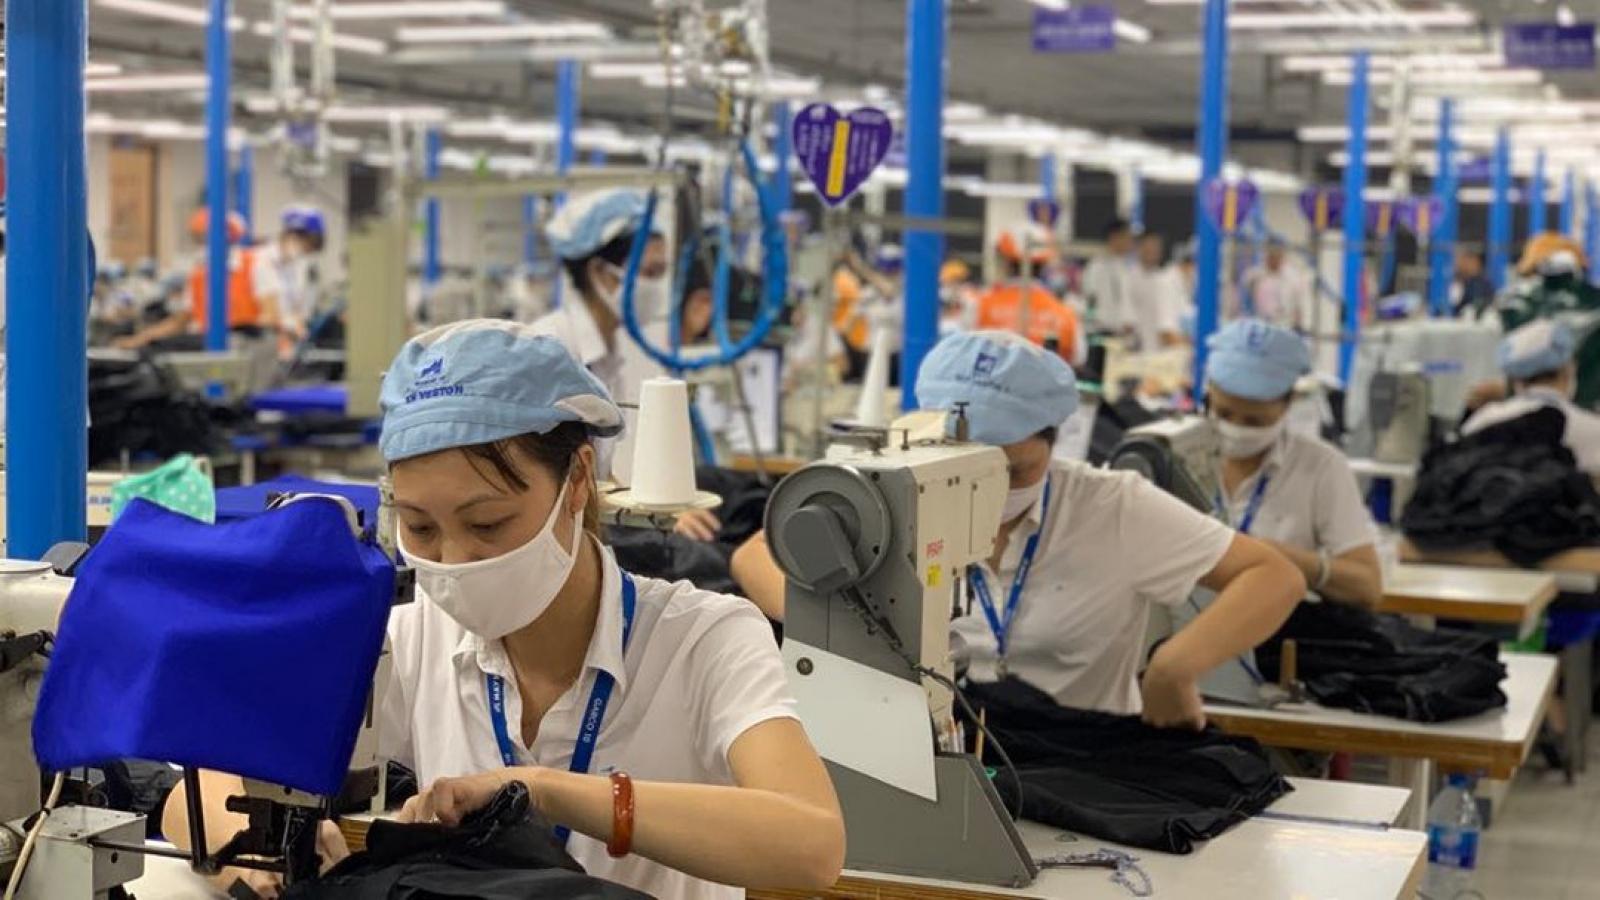 Dùng giấy xét nghiệm Covid-19 giả để nhập cảnh Đài Loan, lao động có thể bị xử lý hình sự